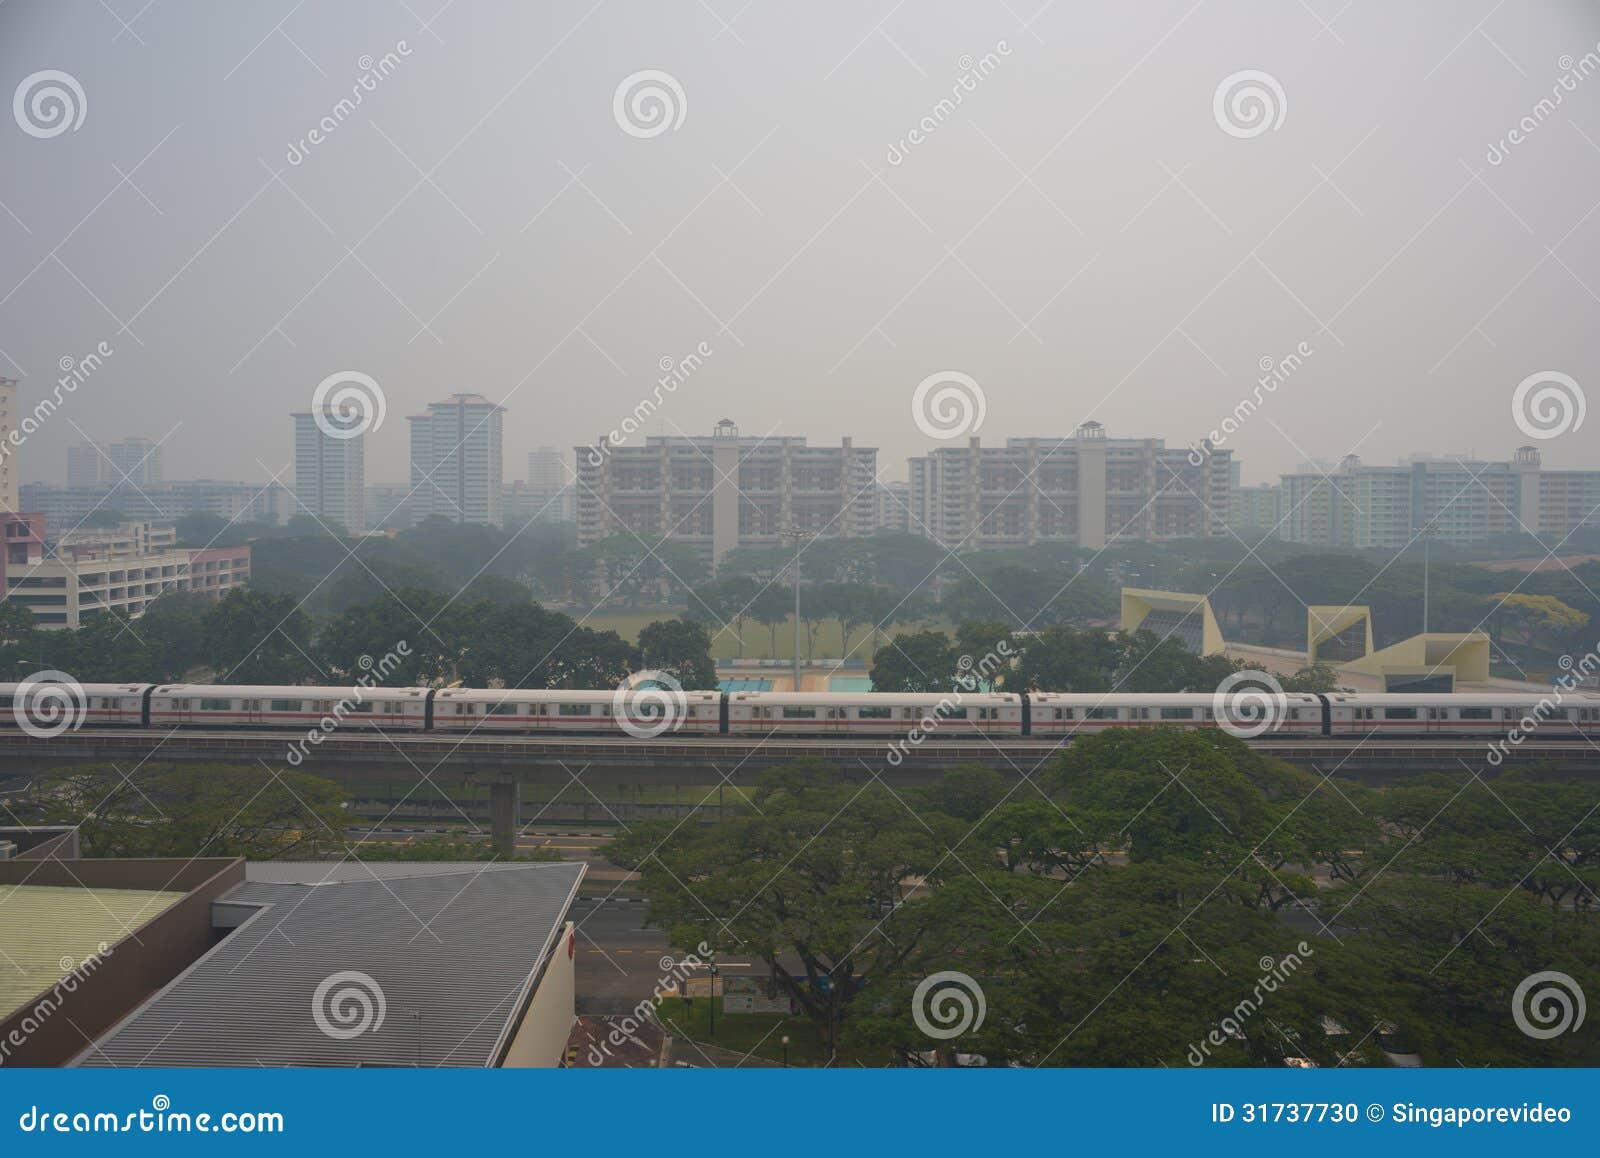 21 June 2013, Singapore, Haze over Singapore Residential